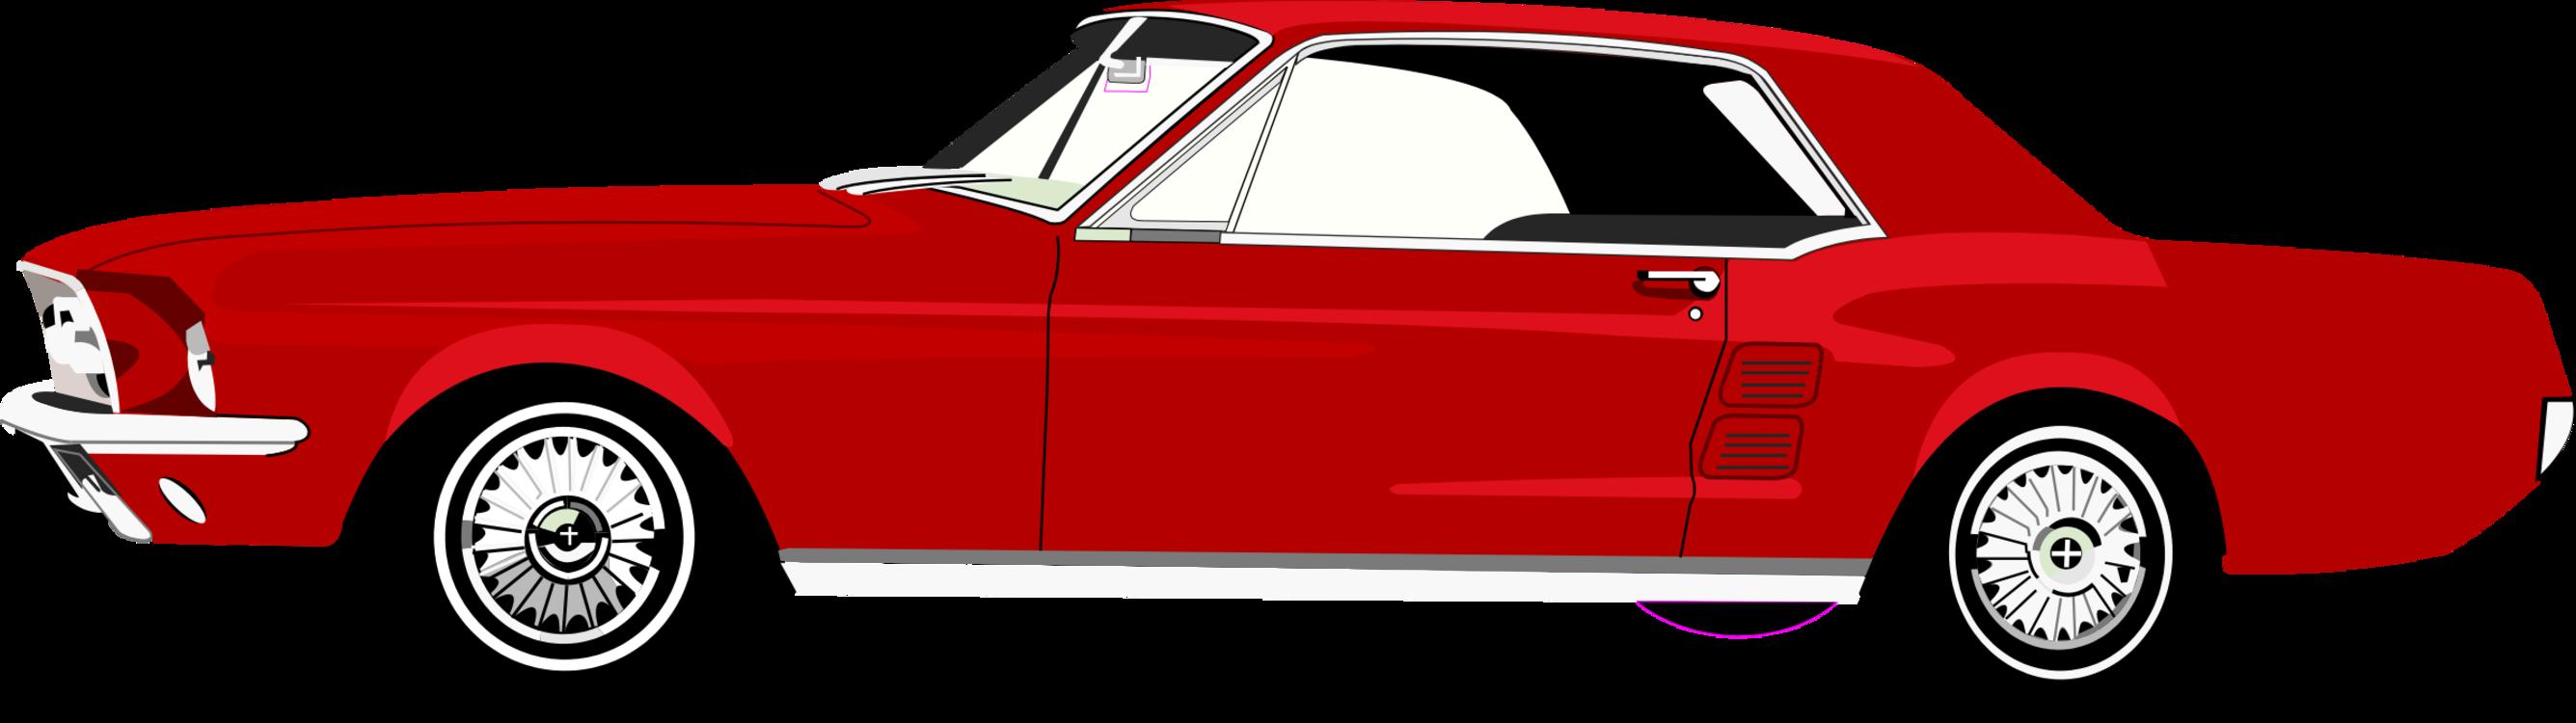 Family Car,Classic Car,Automotive Exterior